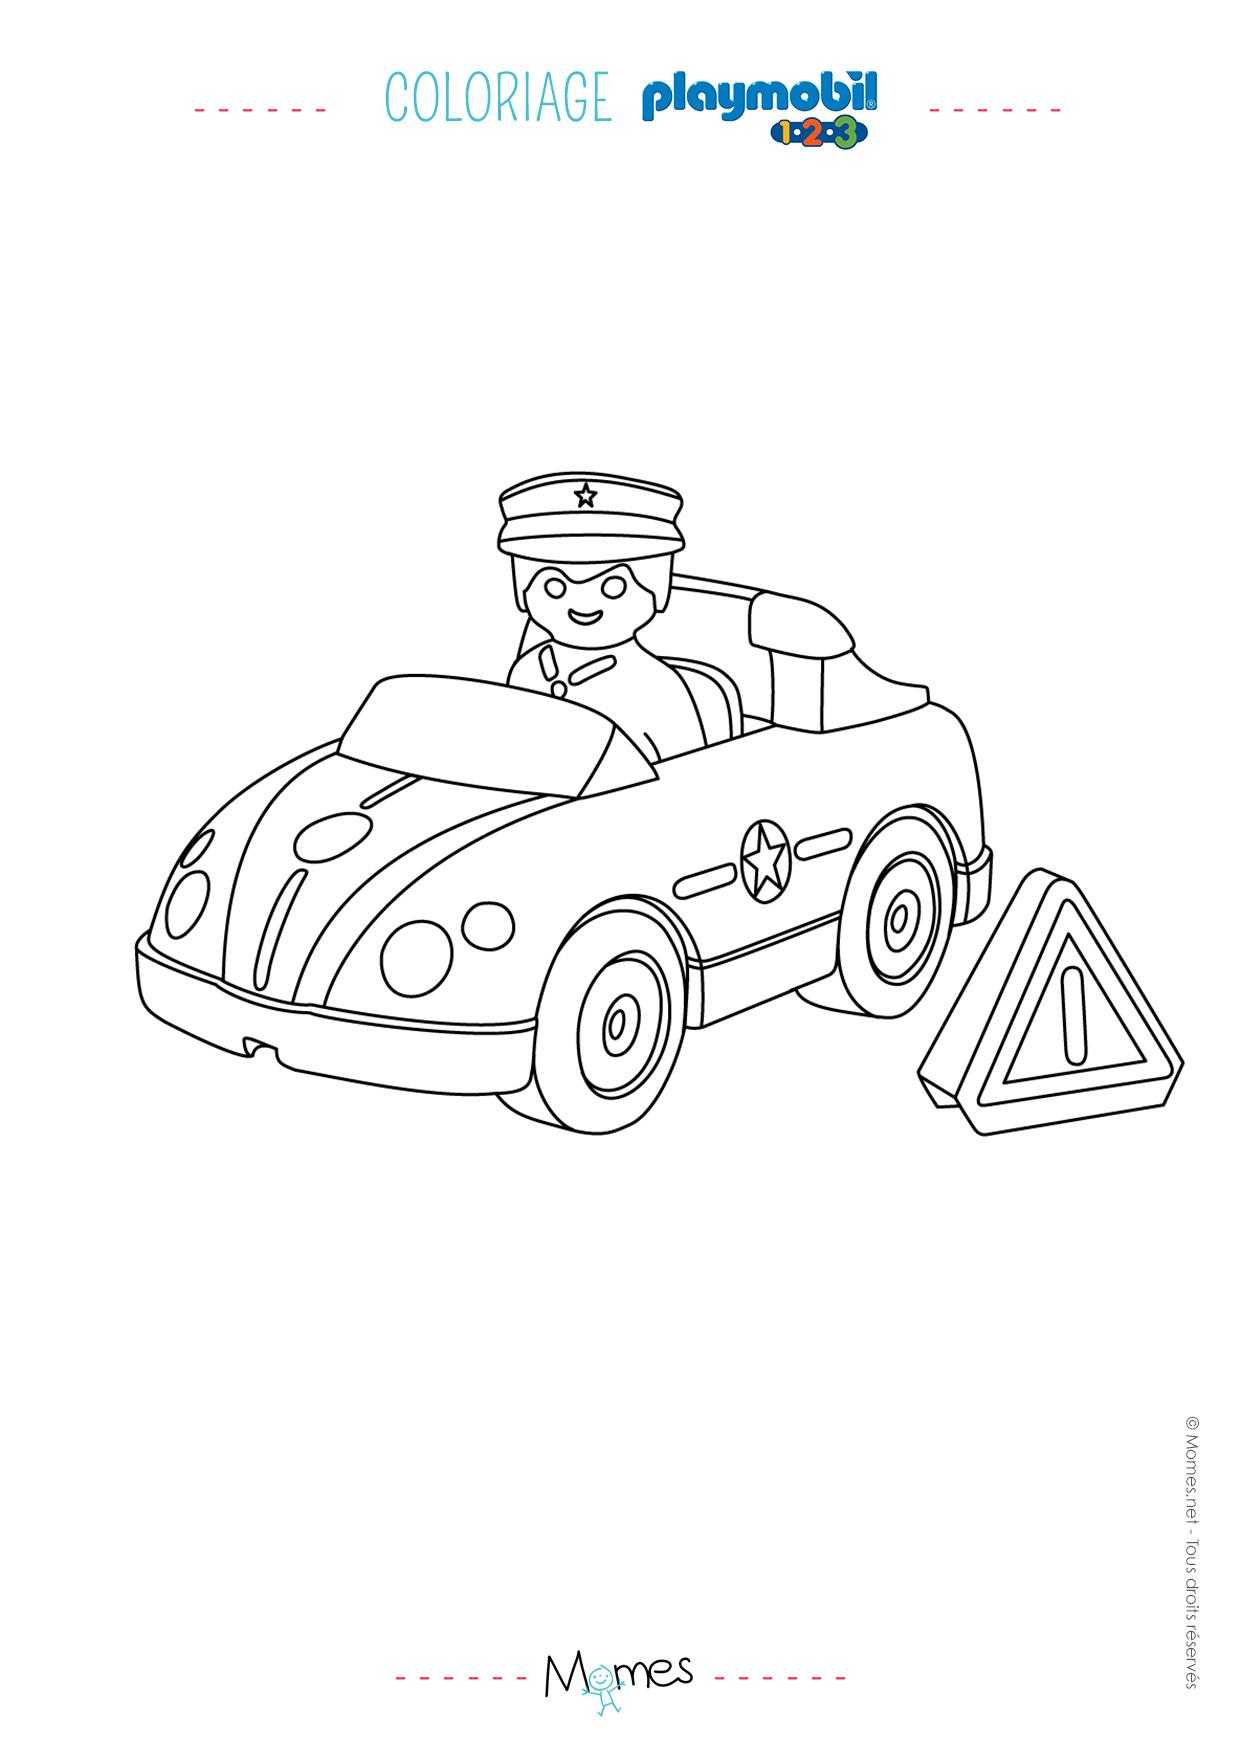 Coloriage La Voiture De Police Et Le Policier Playmobil 123 destiné Coloriage Vehicule